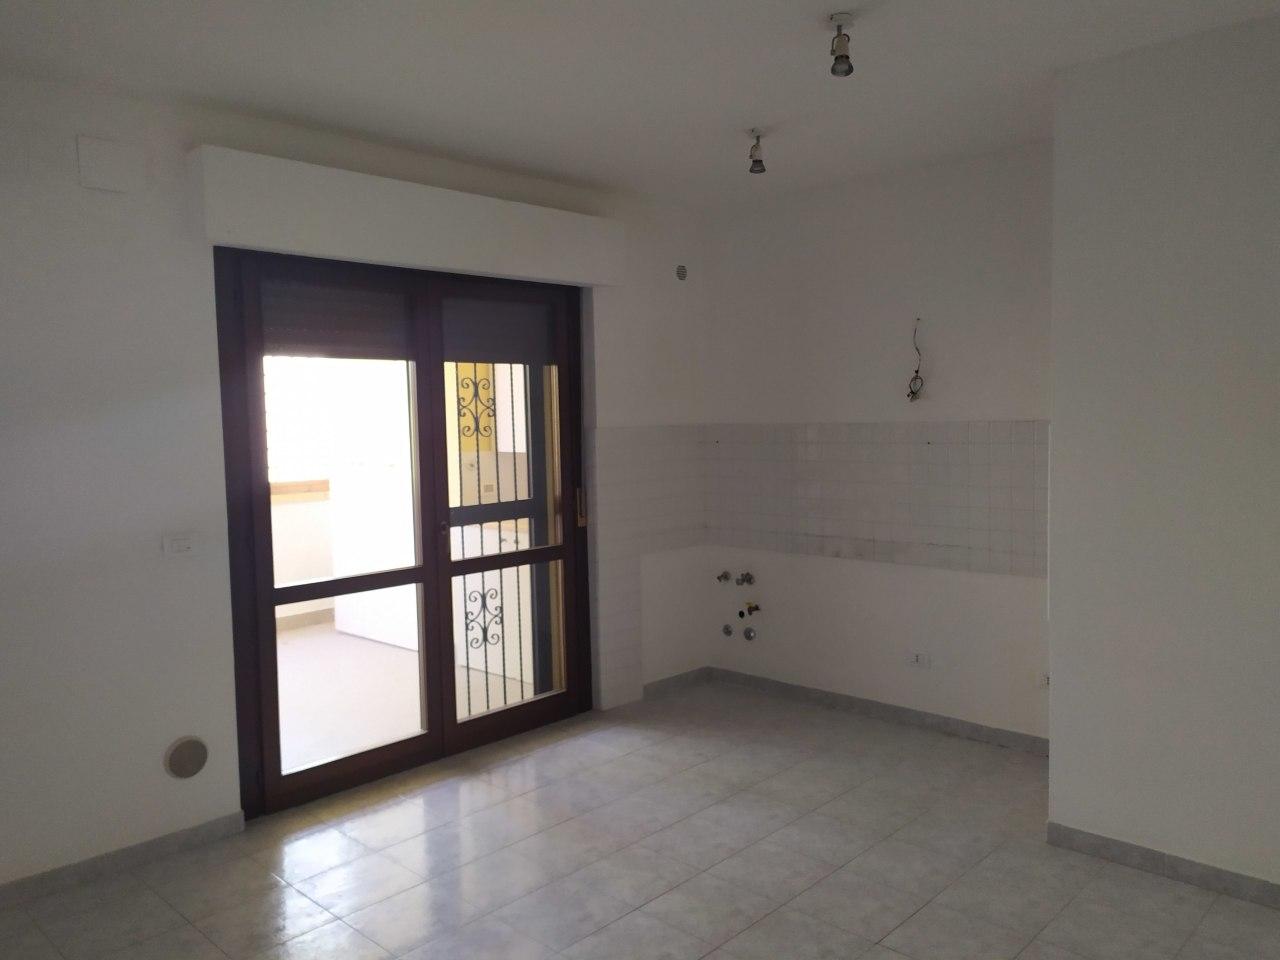 Appartamento in vendita a Manoppello, 4 locali, prezzo € 90.000 | PortaleAgenzieImmobiliari.it